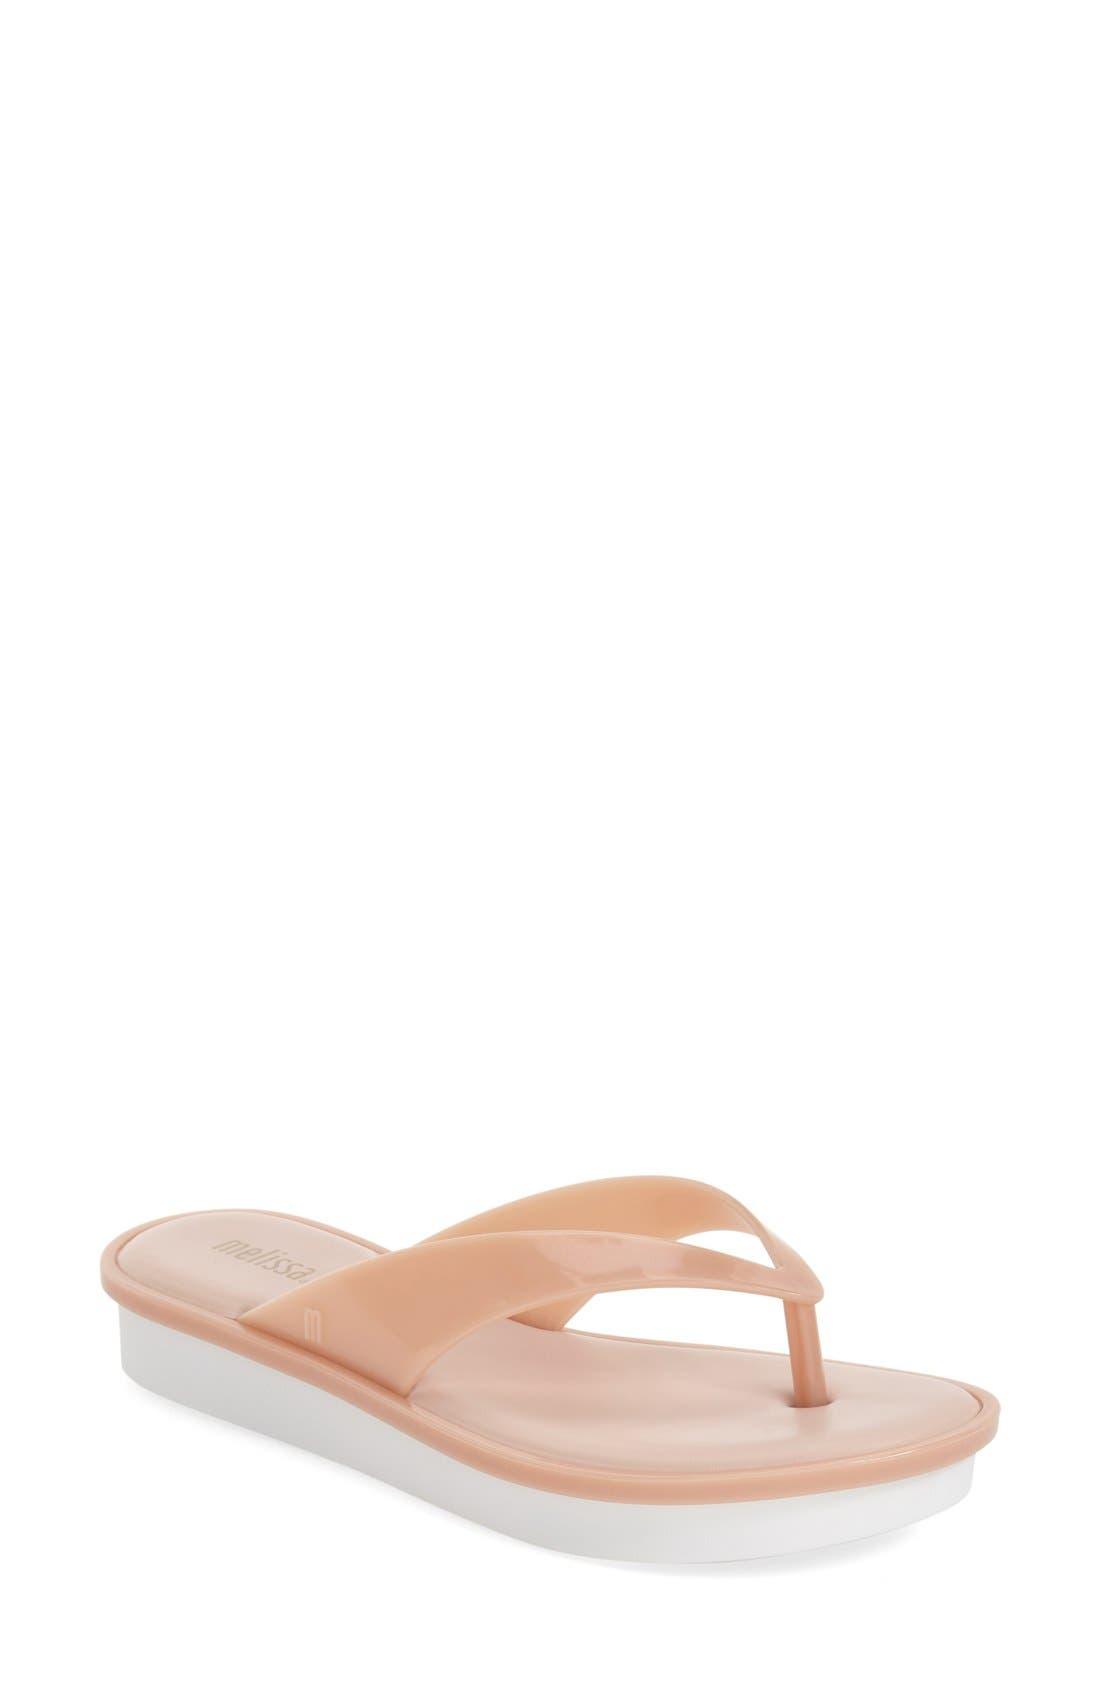 Melissa 'New High' Jelly Platform Flip Flop (Women)